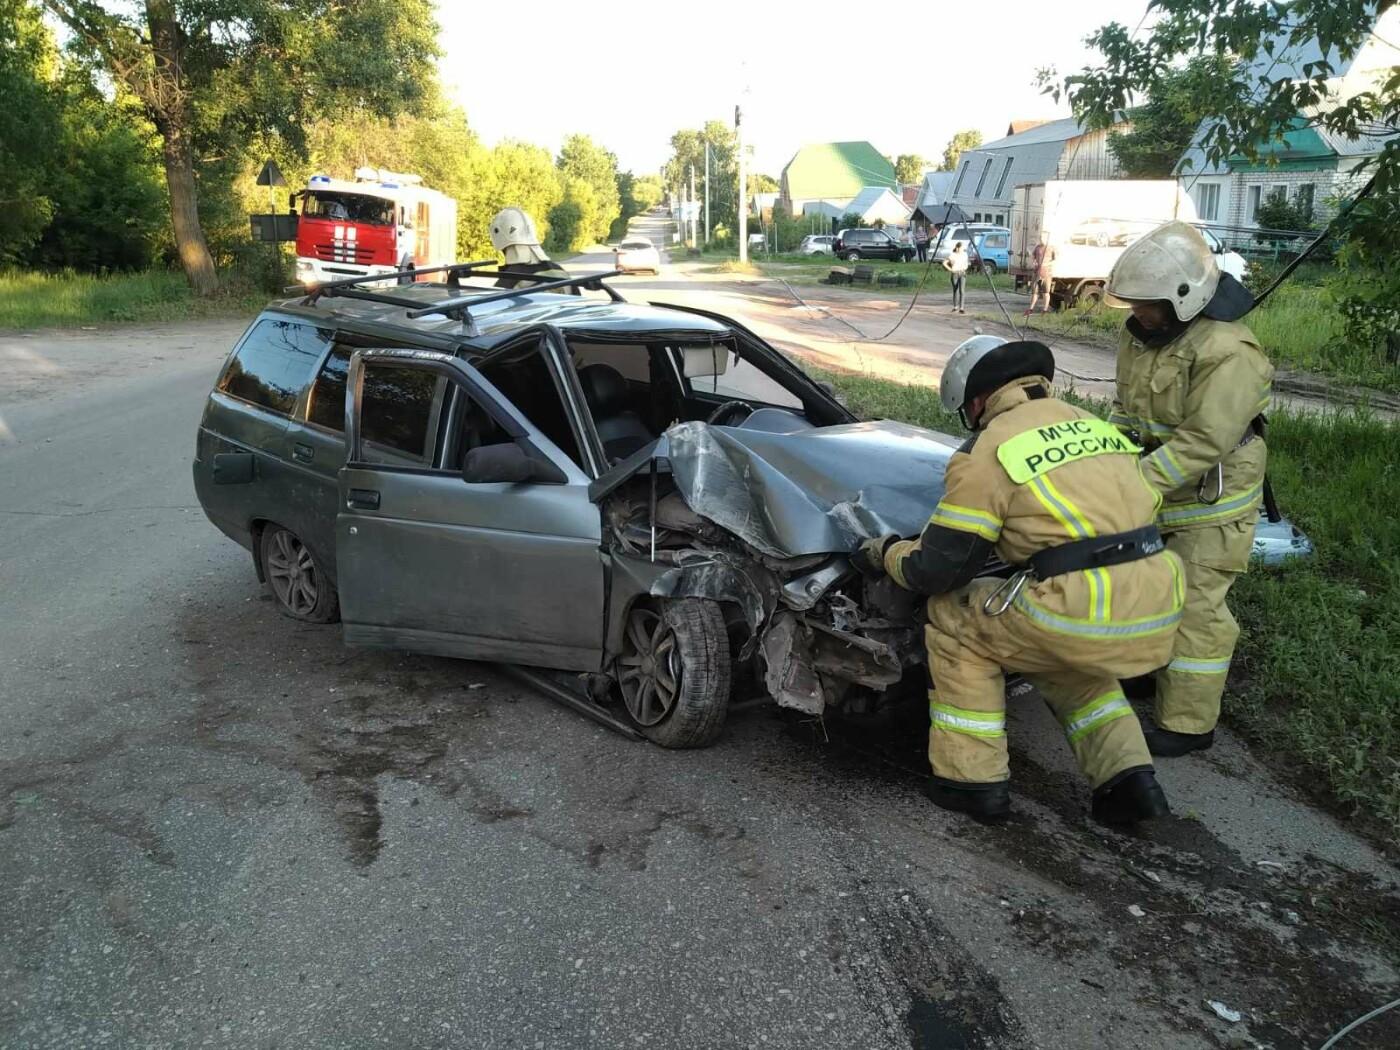 Димитровградский водитель бросил пассажира и скрылся с места ДТП, фото-1, ПЧ-5